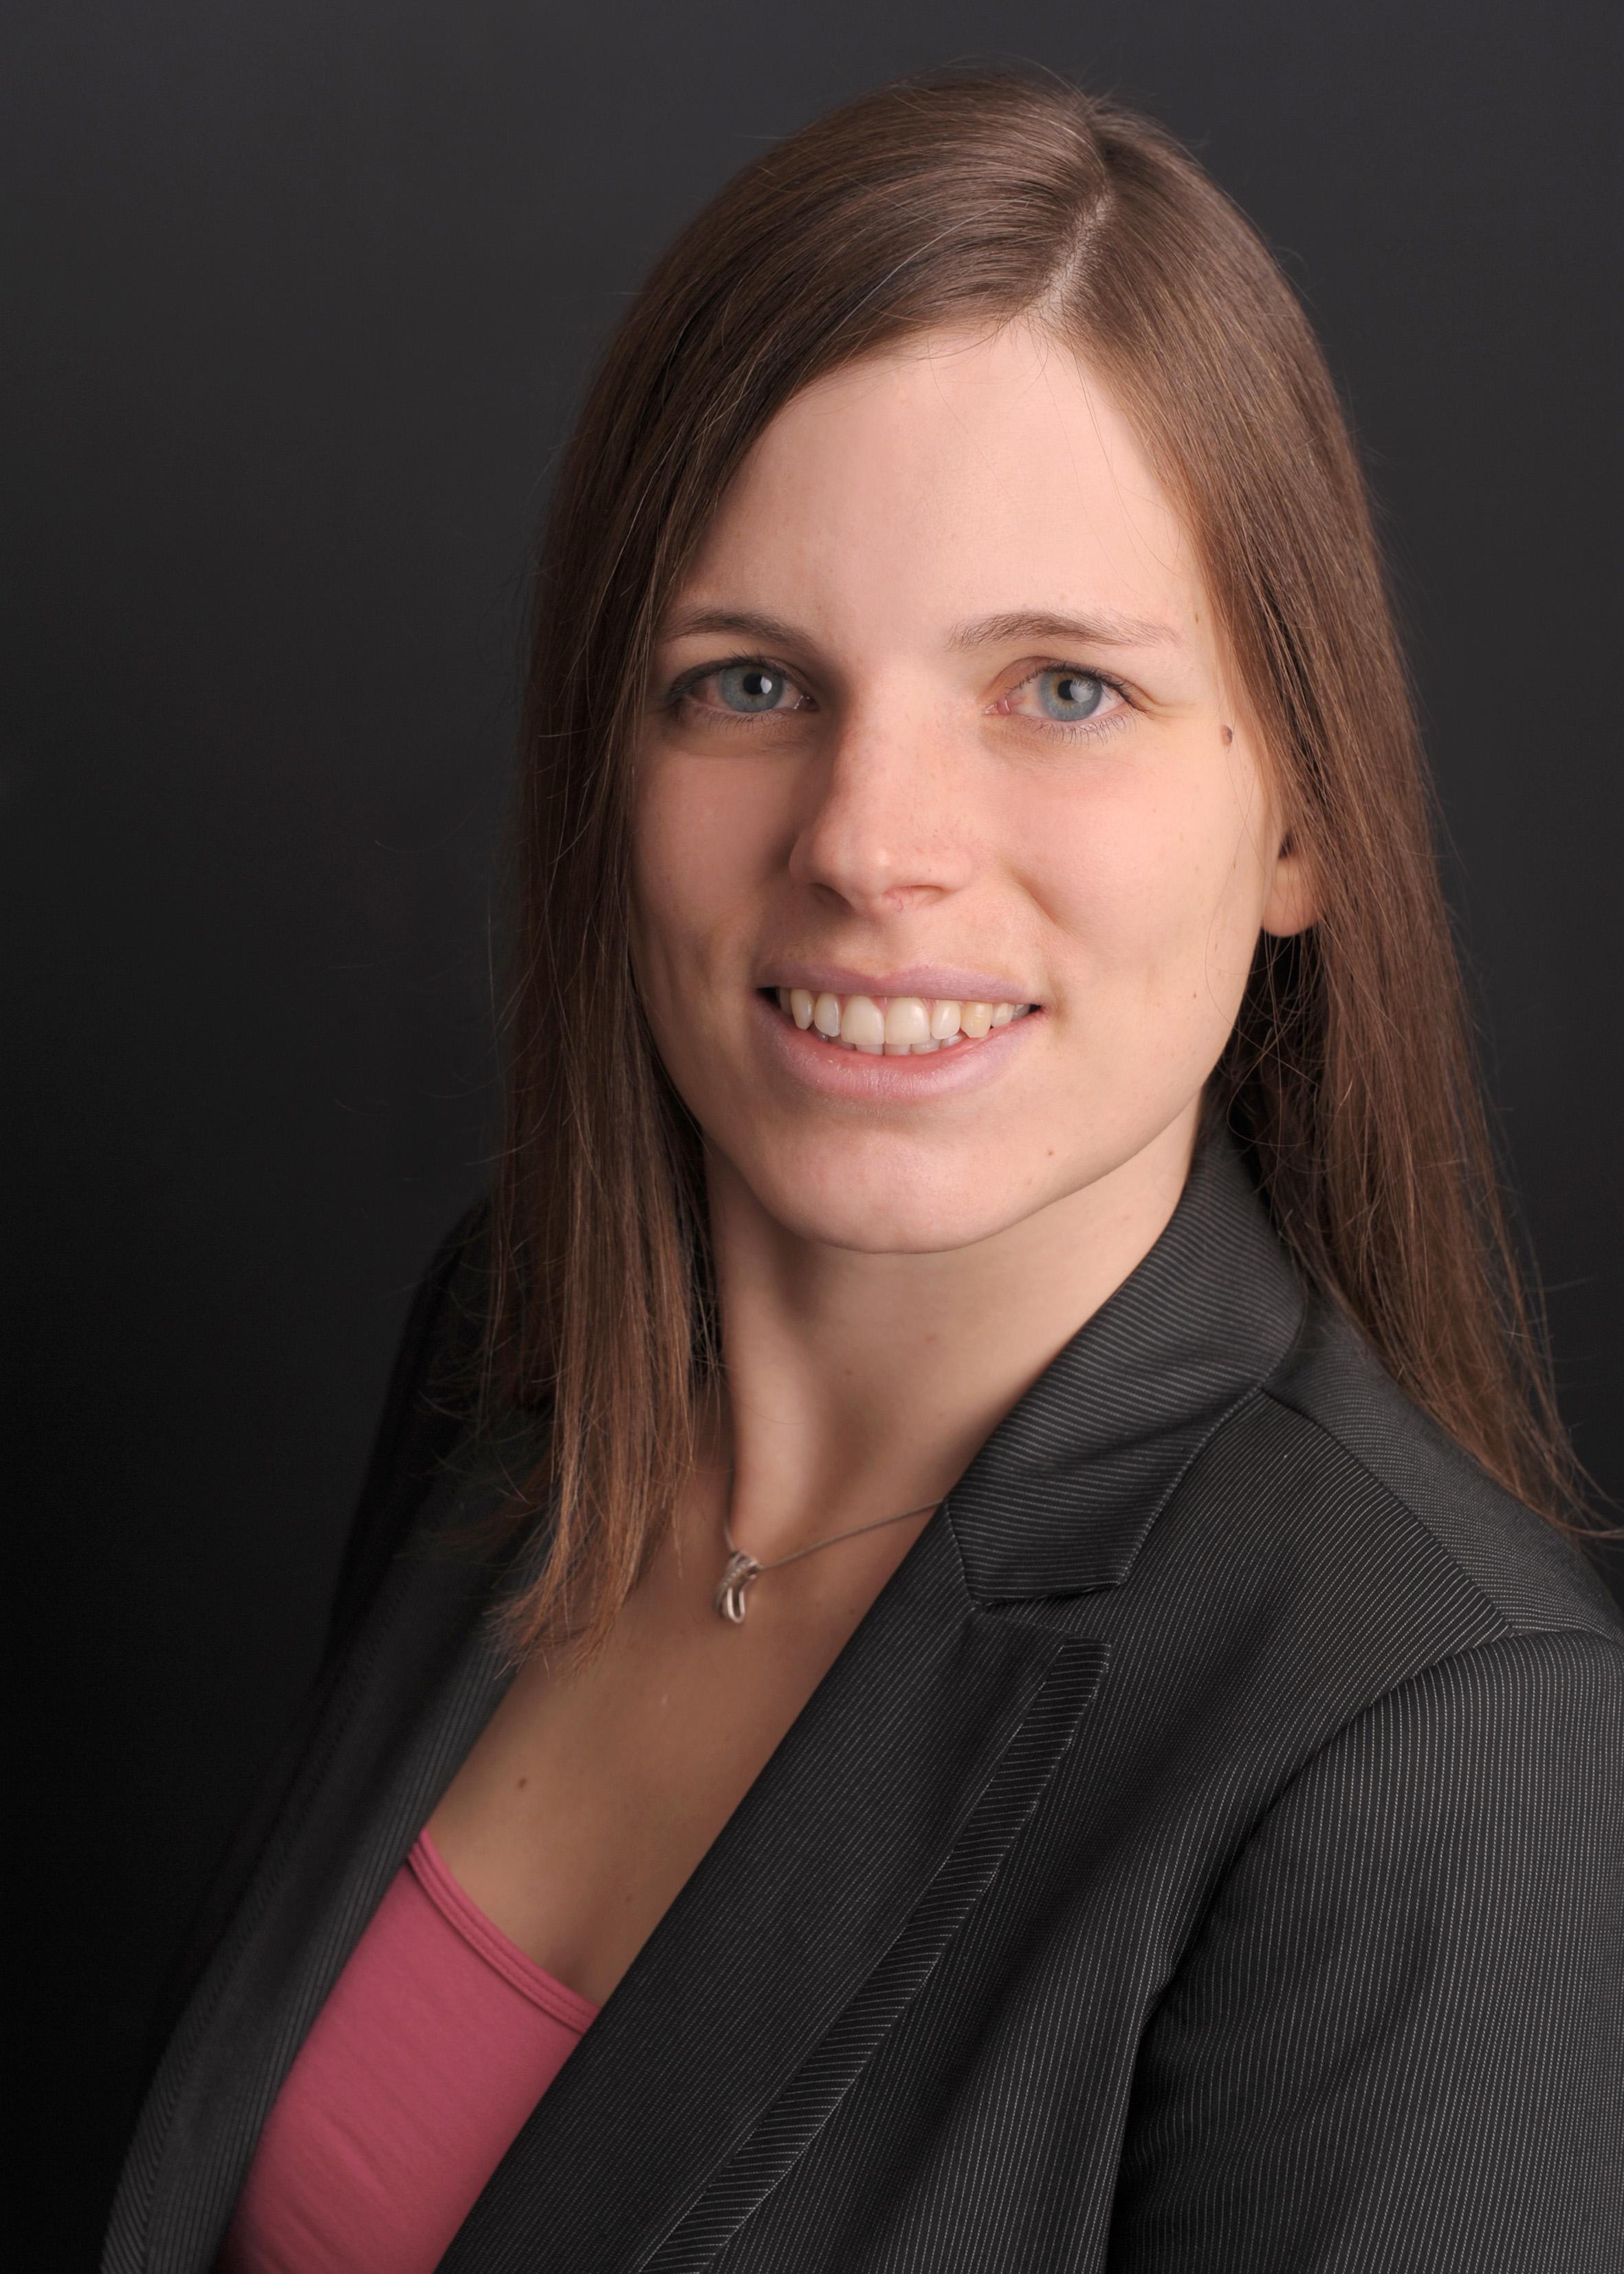 Nadine Ernst